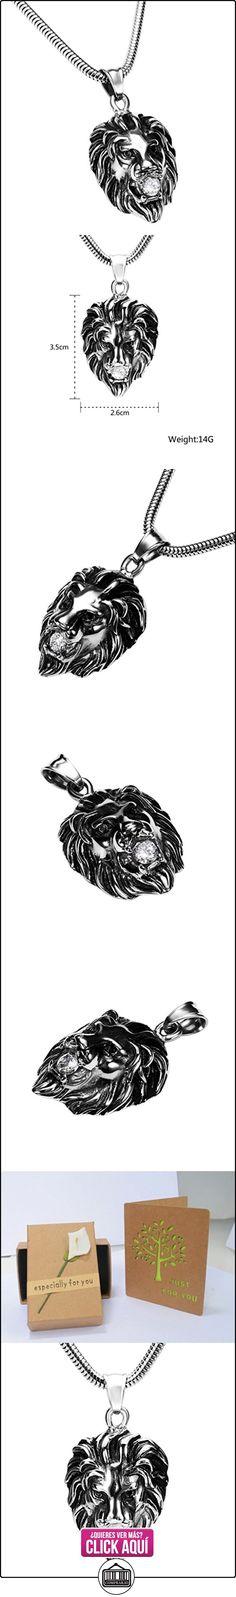 Daesar Joyería Collares de Hombre Acero Inoxidable Cabeza de Rey León Cz Plata Colgantes Vintage 2.6X3.5cm  ✿ Joyas para niños - Regalos ✿ ▬► Ver oferta: https://comprar.io/goto/B01MQKBX5L